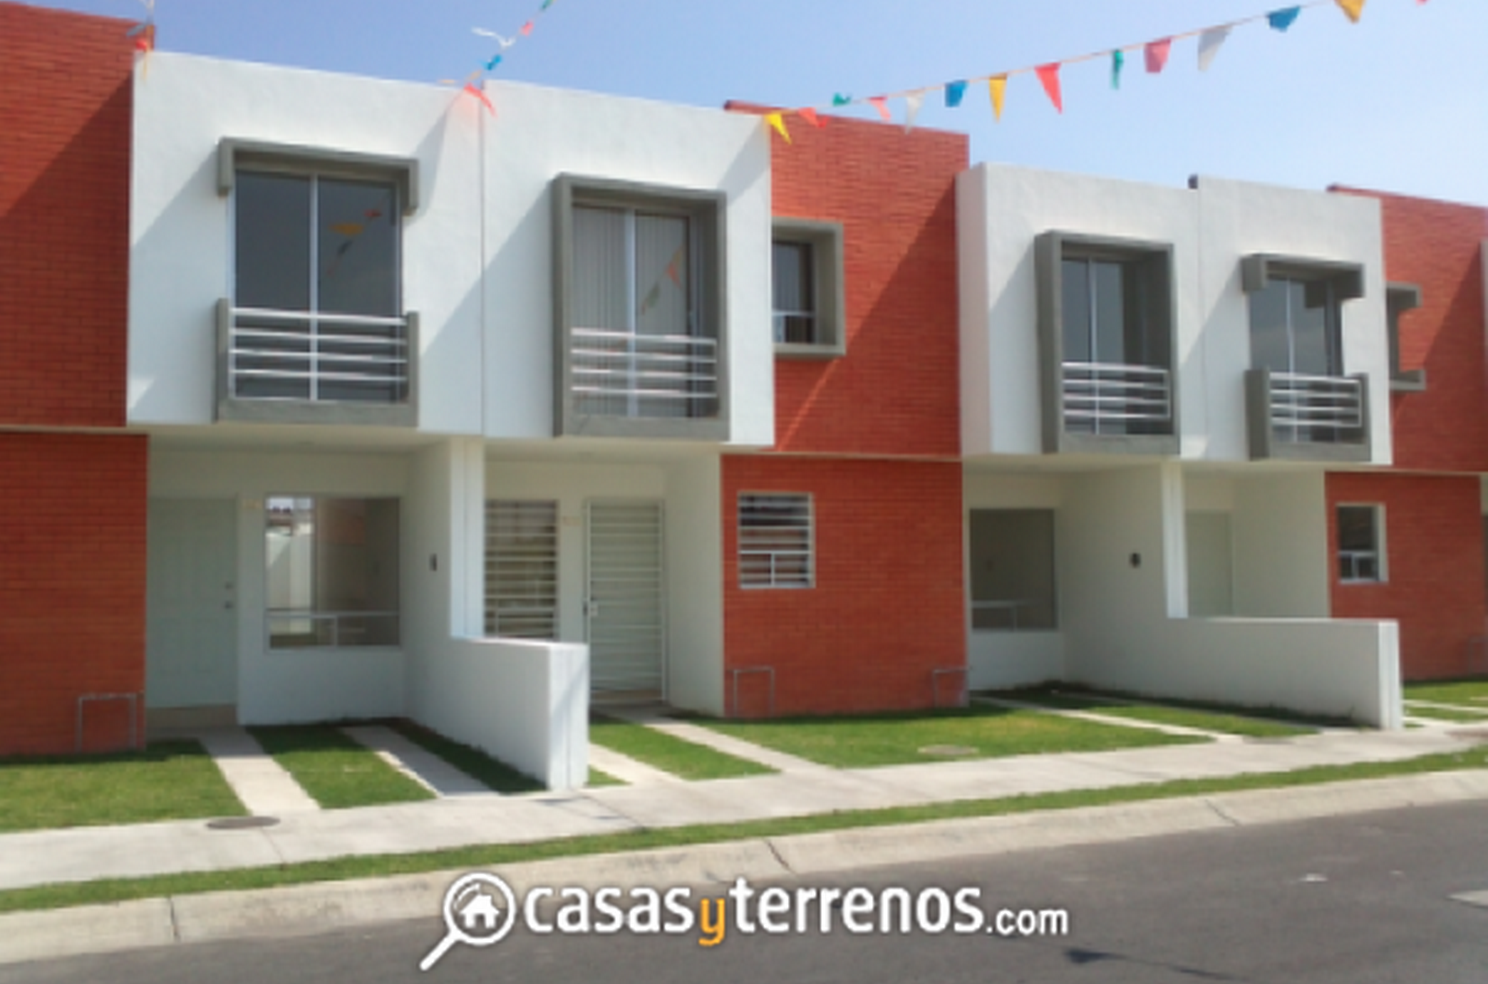 Nuevos Desarrollos Casas y Terrenos